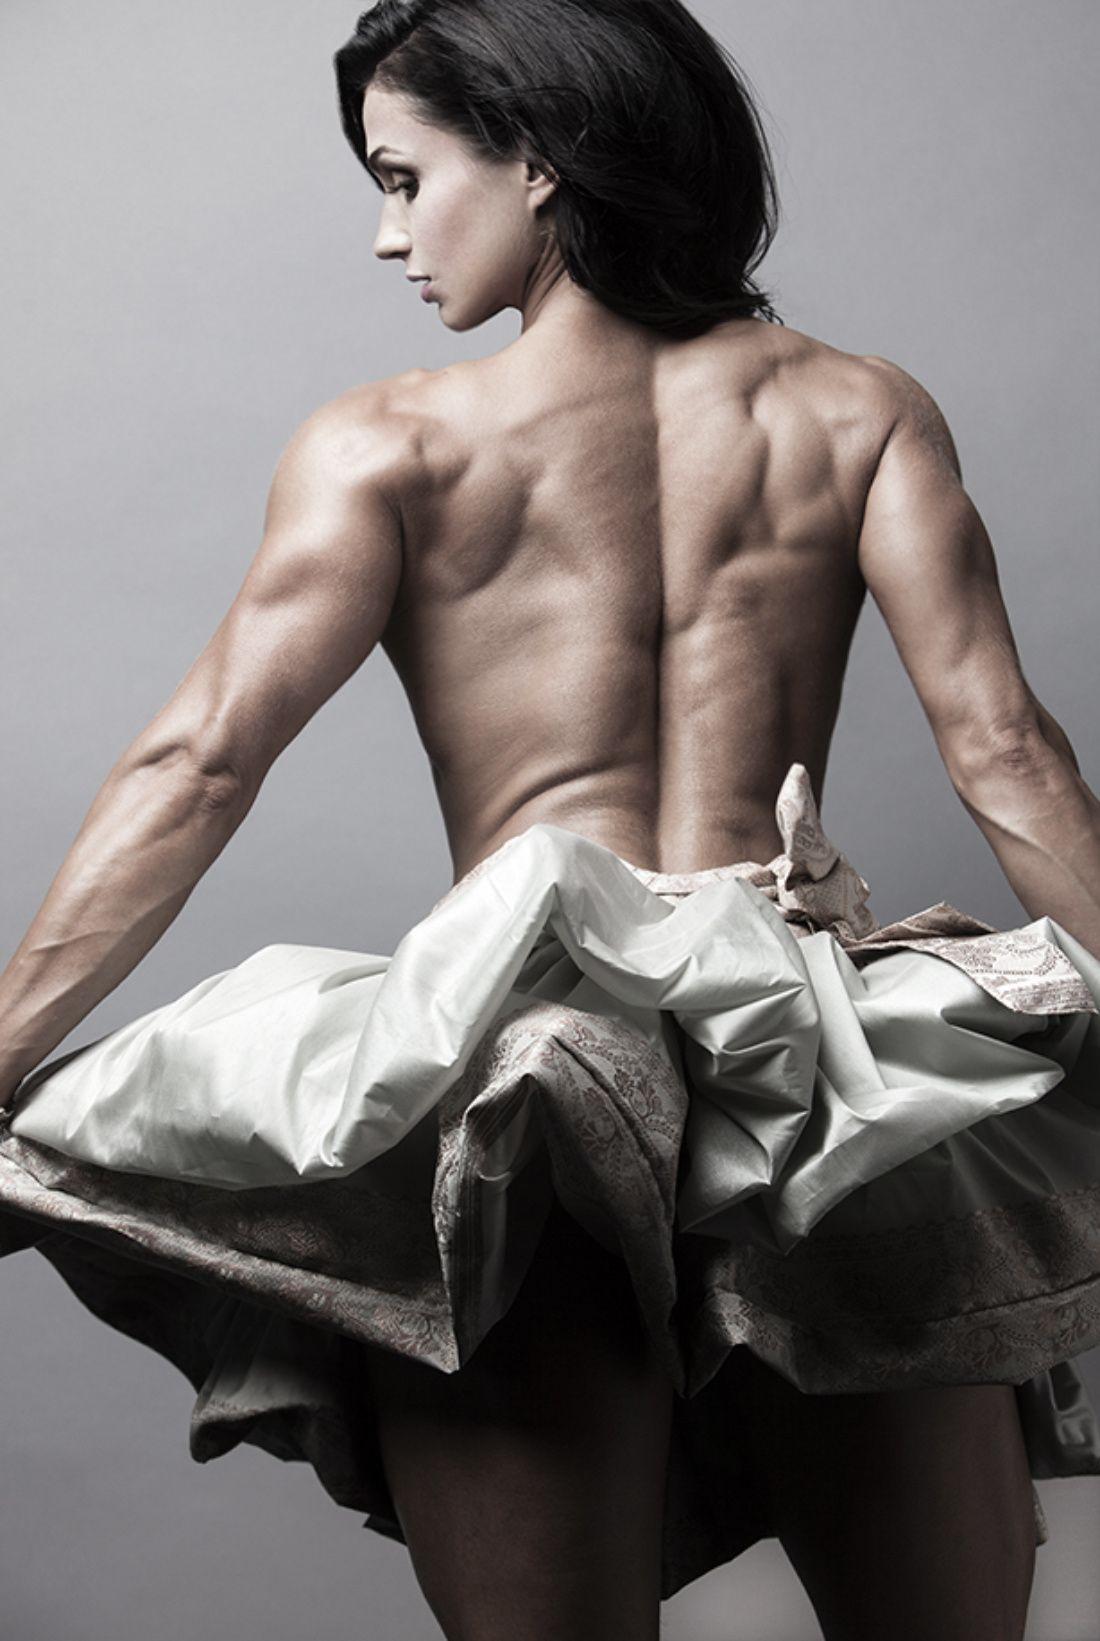 Fashion & Fitness model photos by photographer Kai York